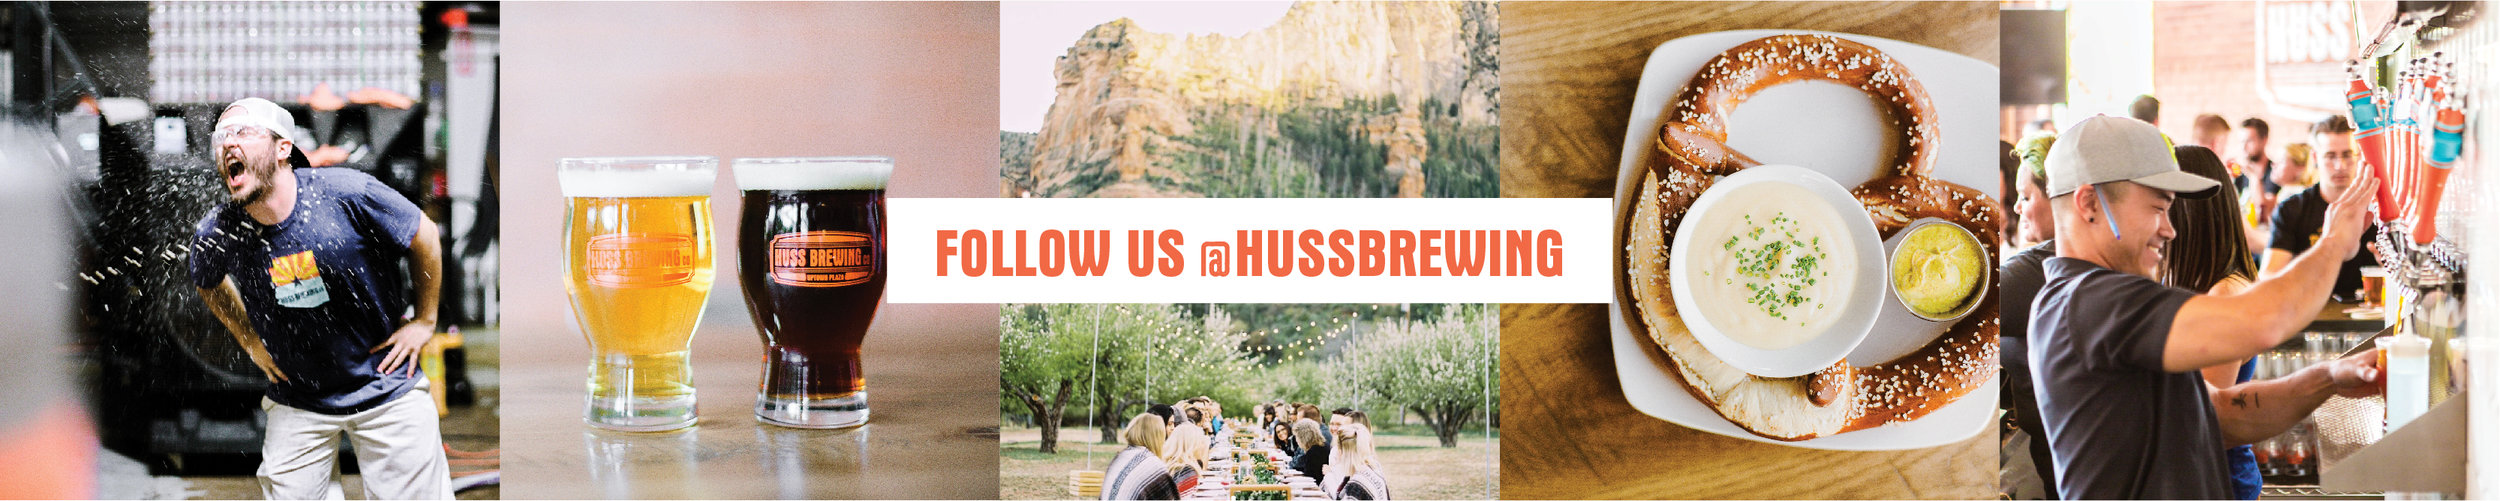 Follow Huss Brewing on Instagram - @hussbrewing